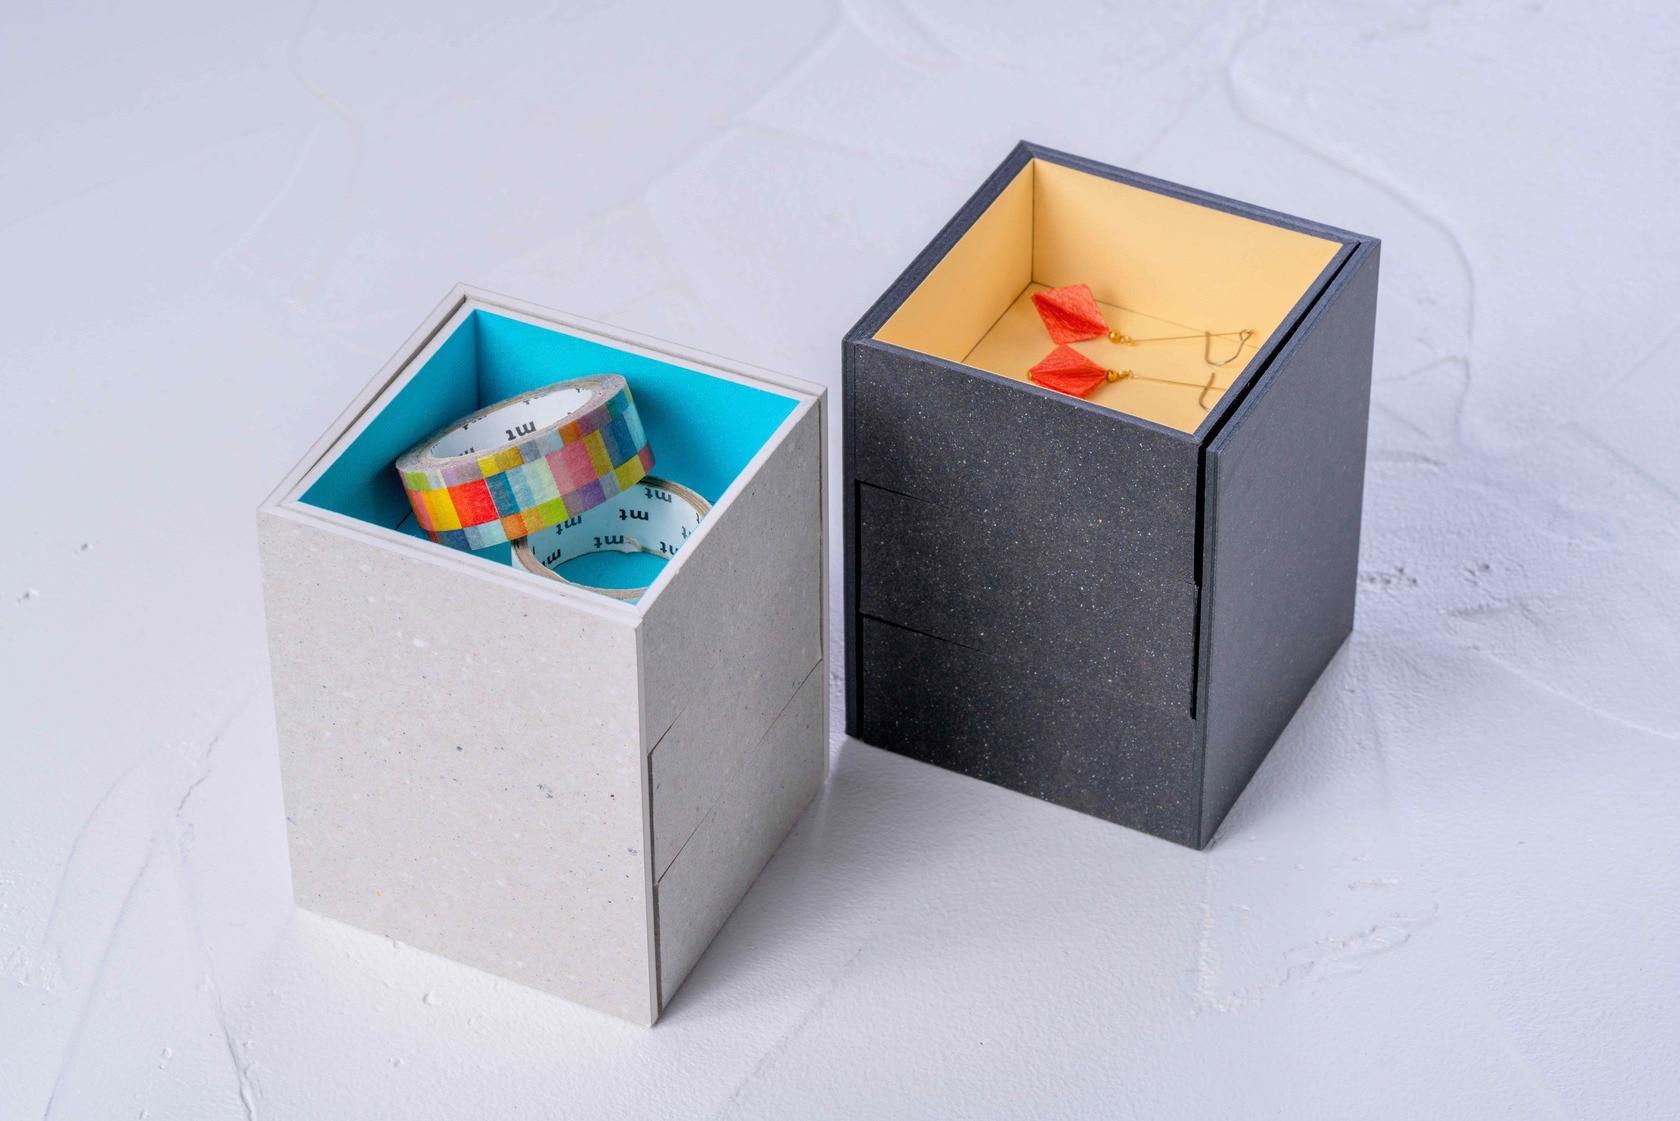 使い方自由で様々な物を収納できるモリタのミニマムスペースボックス2,札幌スタイル認証商品